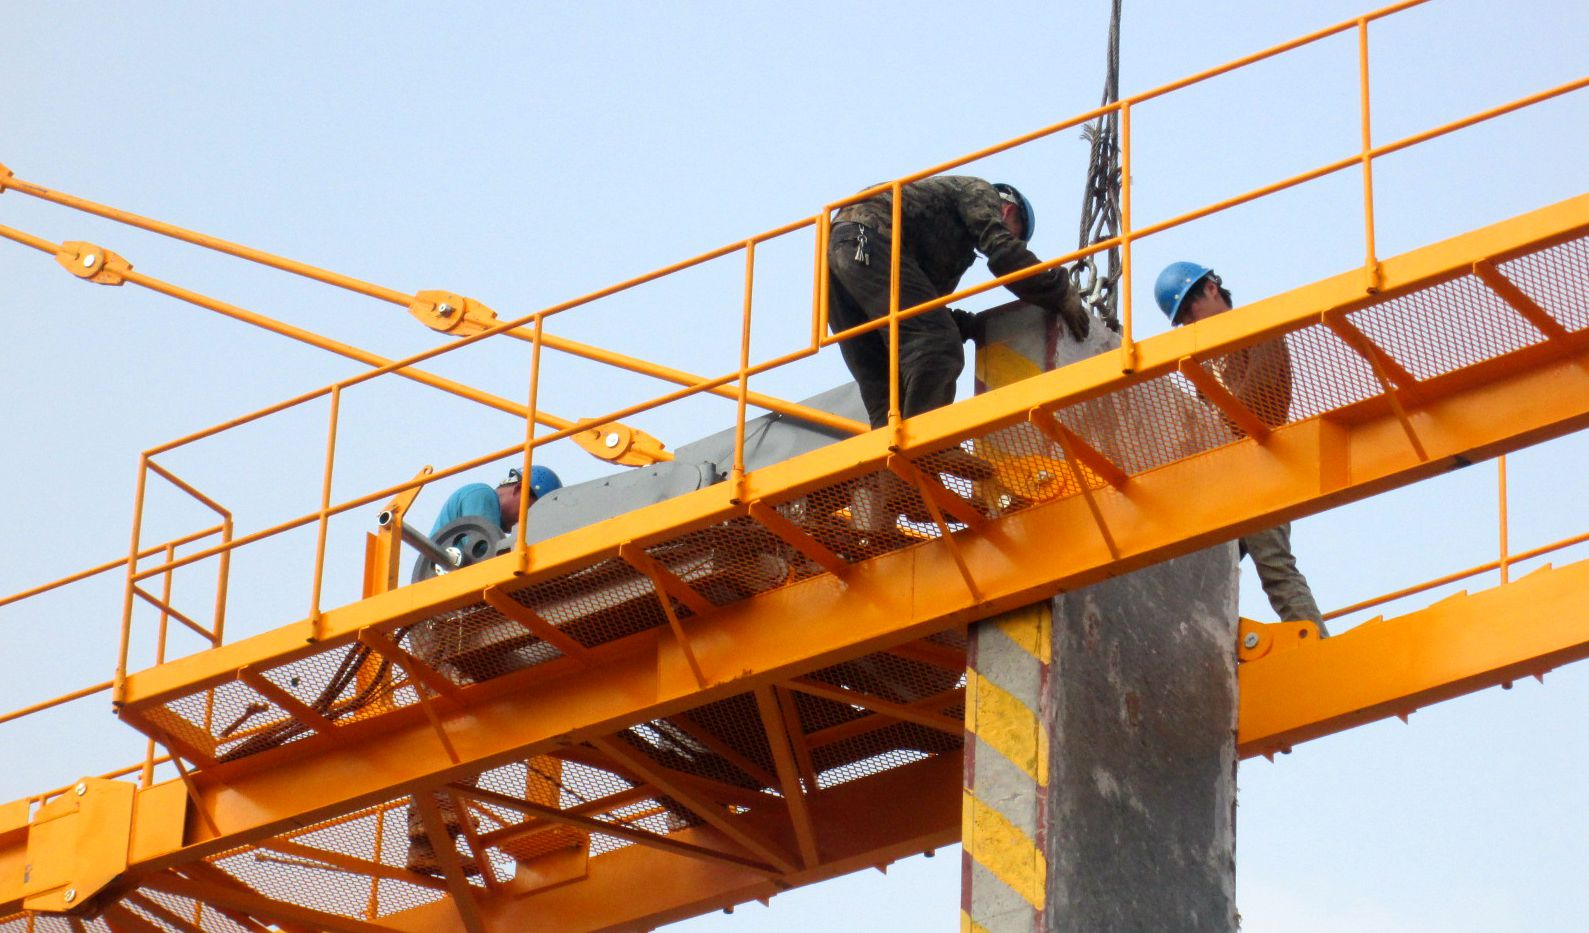 2月23日下午,高耸的塔吊上,动力安装工正在紧张地检修塔吊,更换钢丝绳